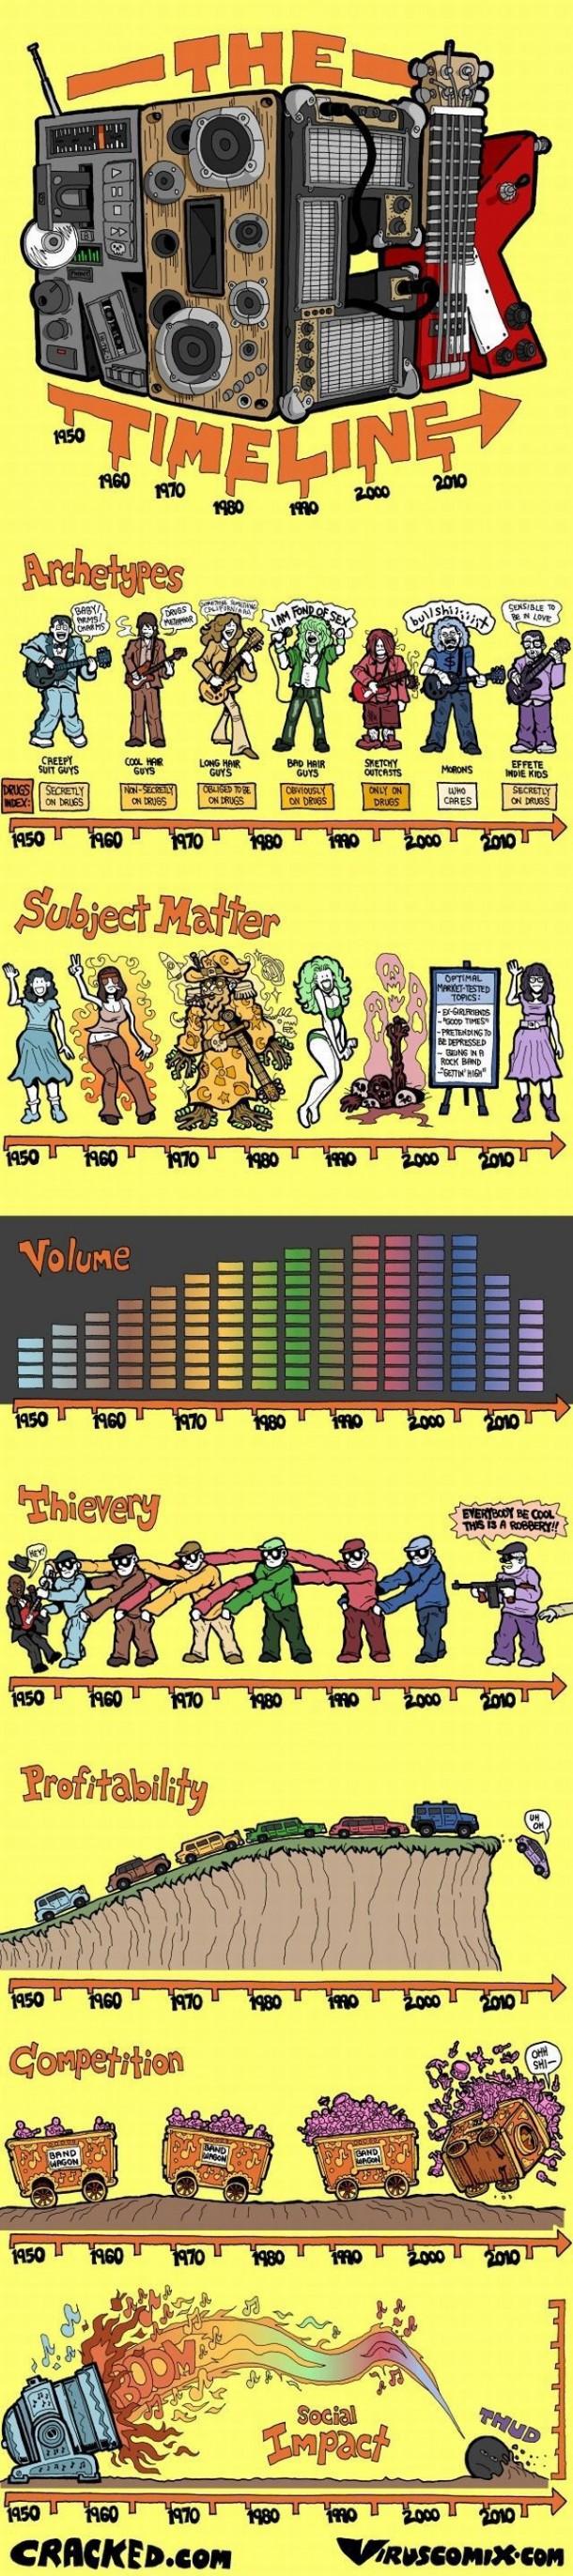 histoire du rock infographie